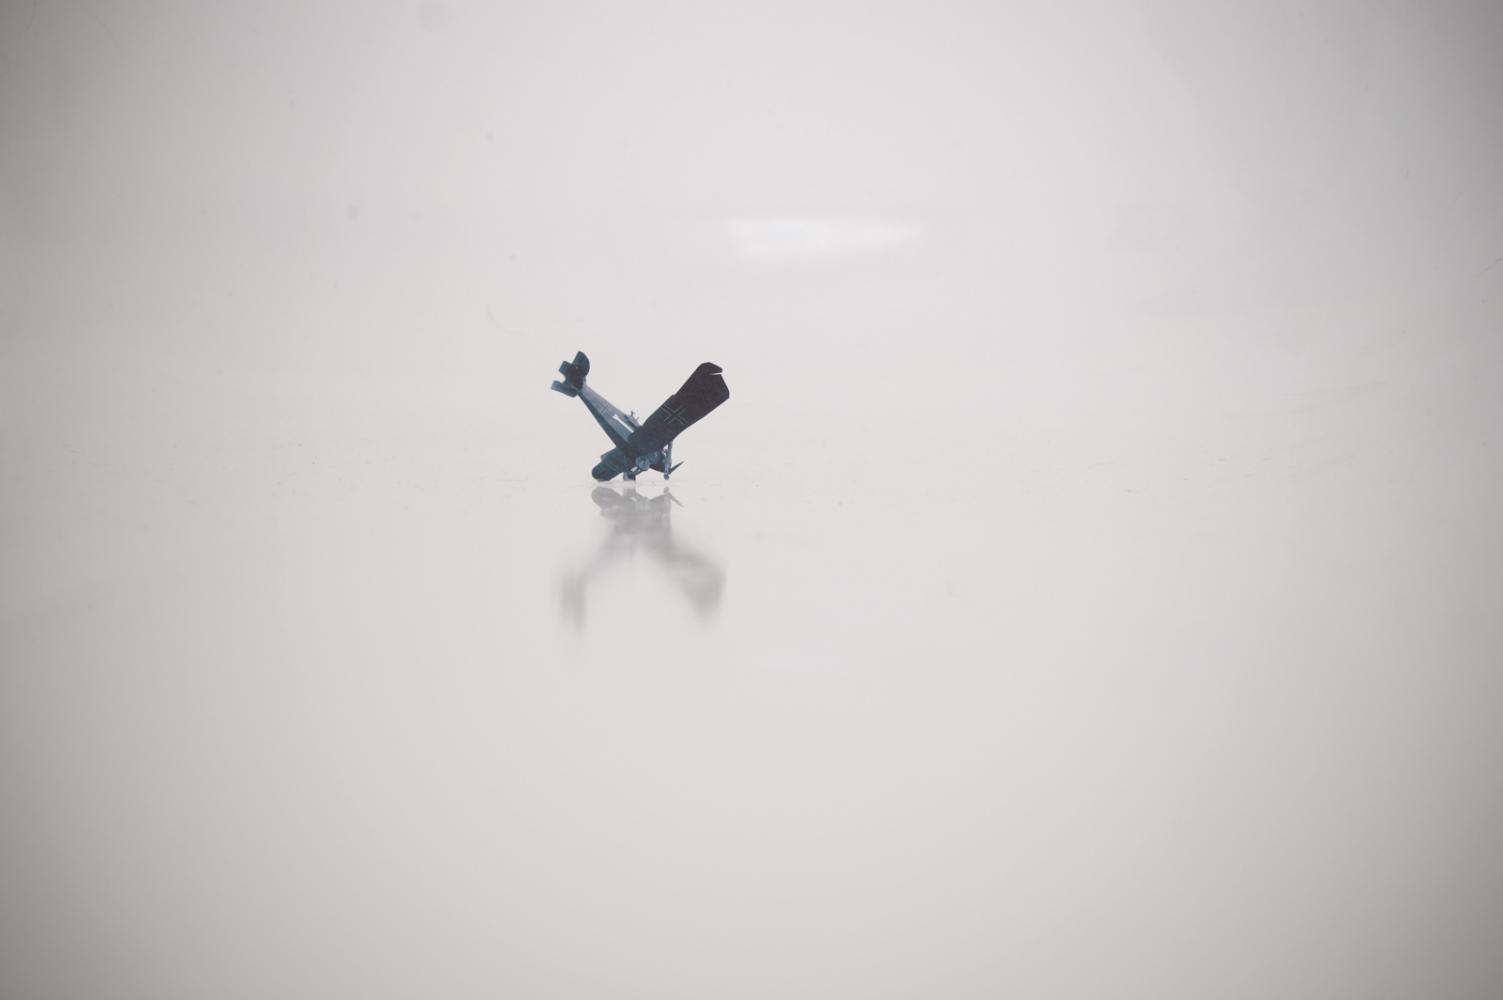 Art and Documentary Photography - Loading longing_crashed_plane.jpg